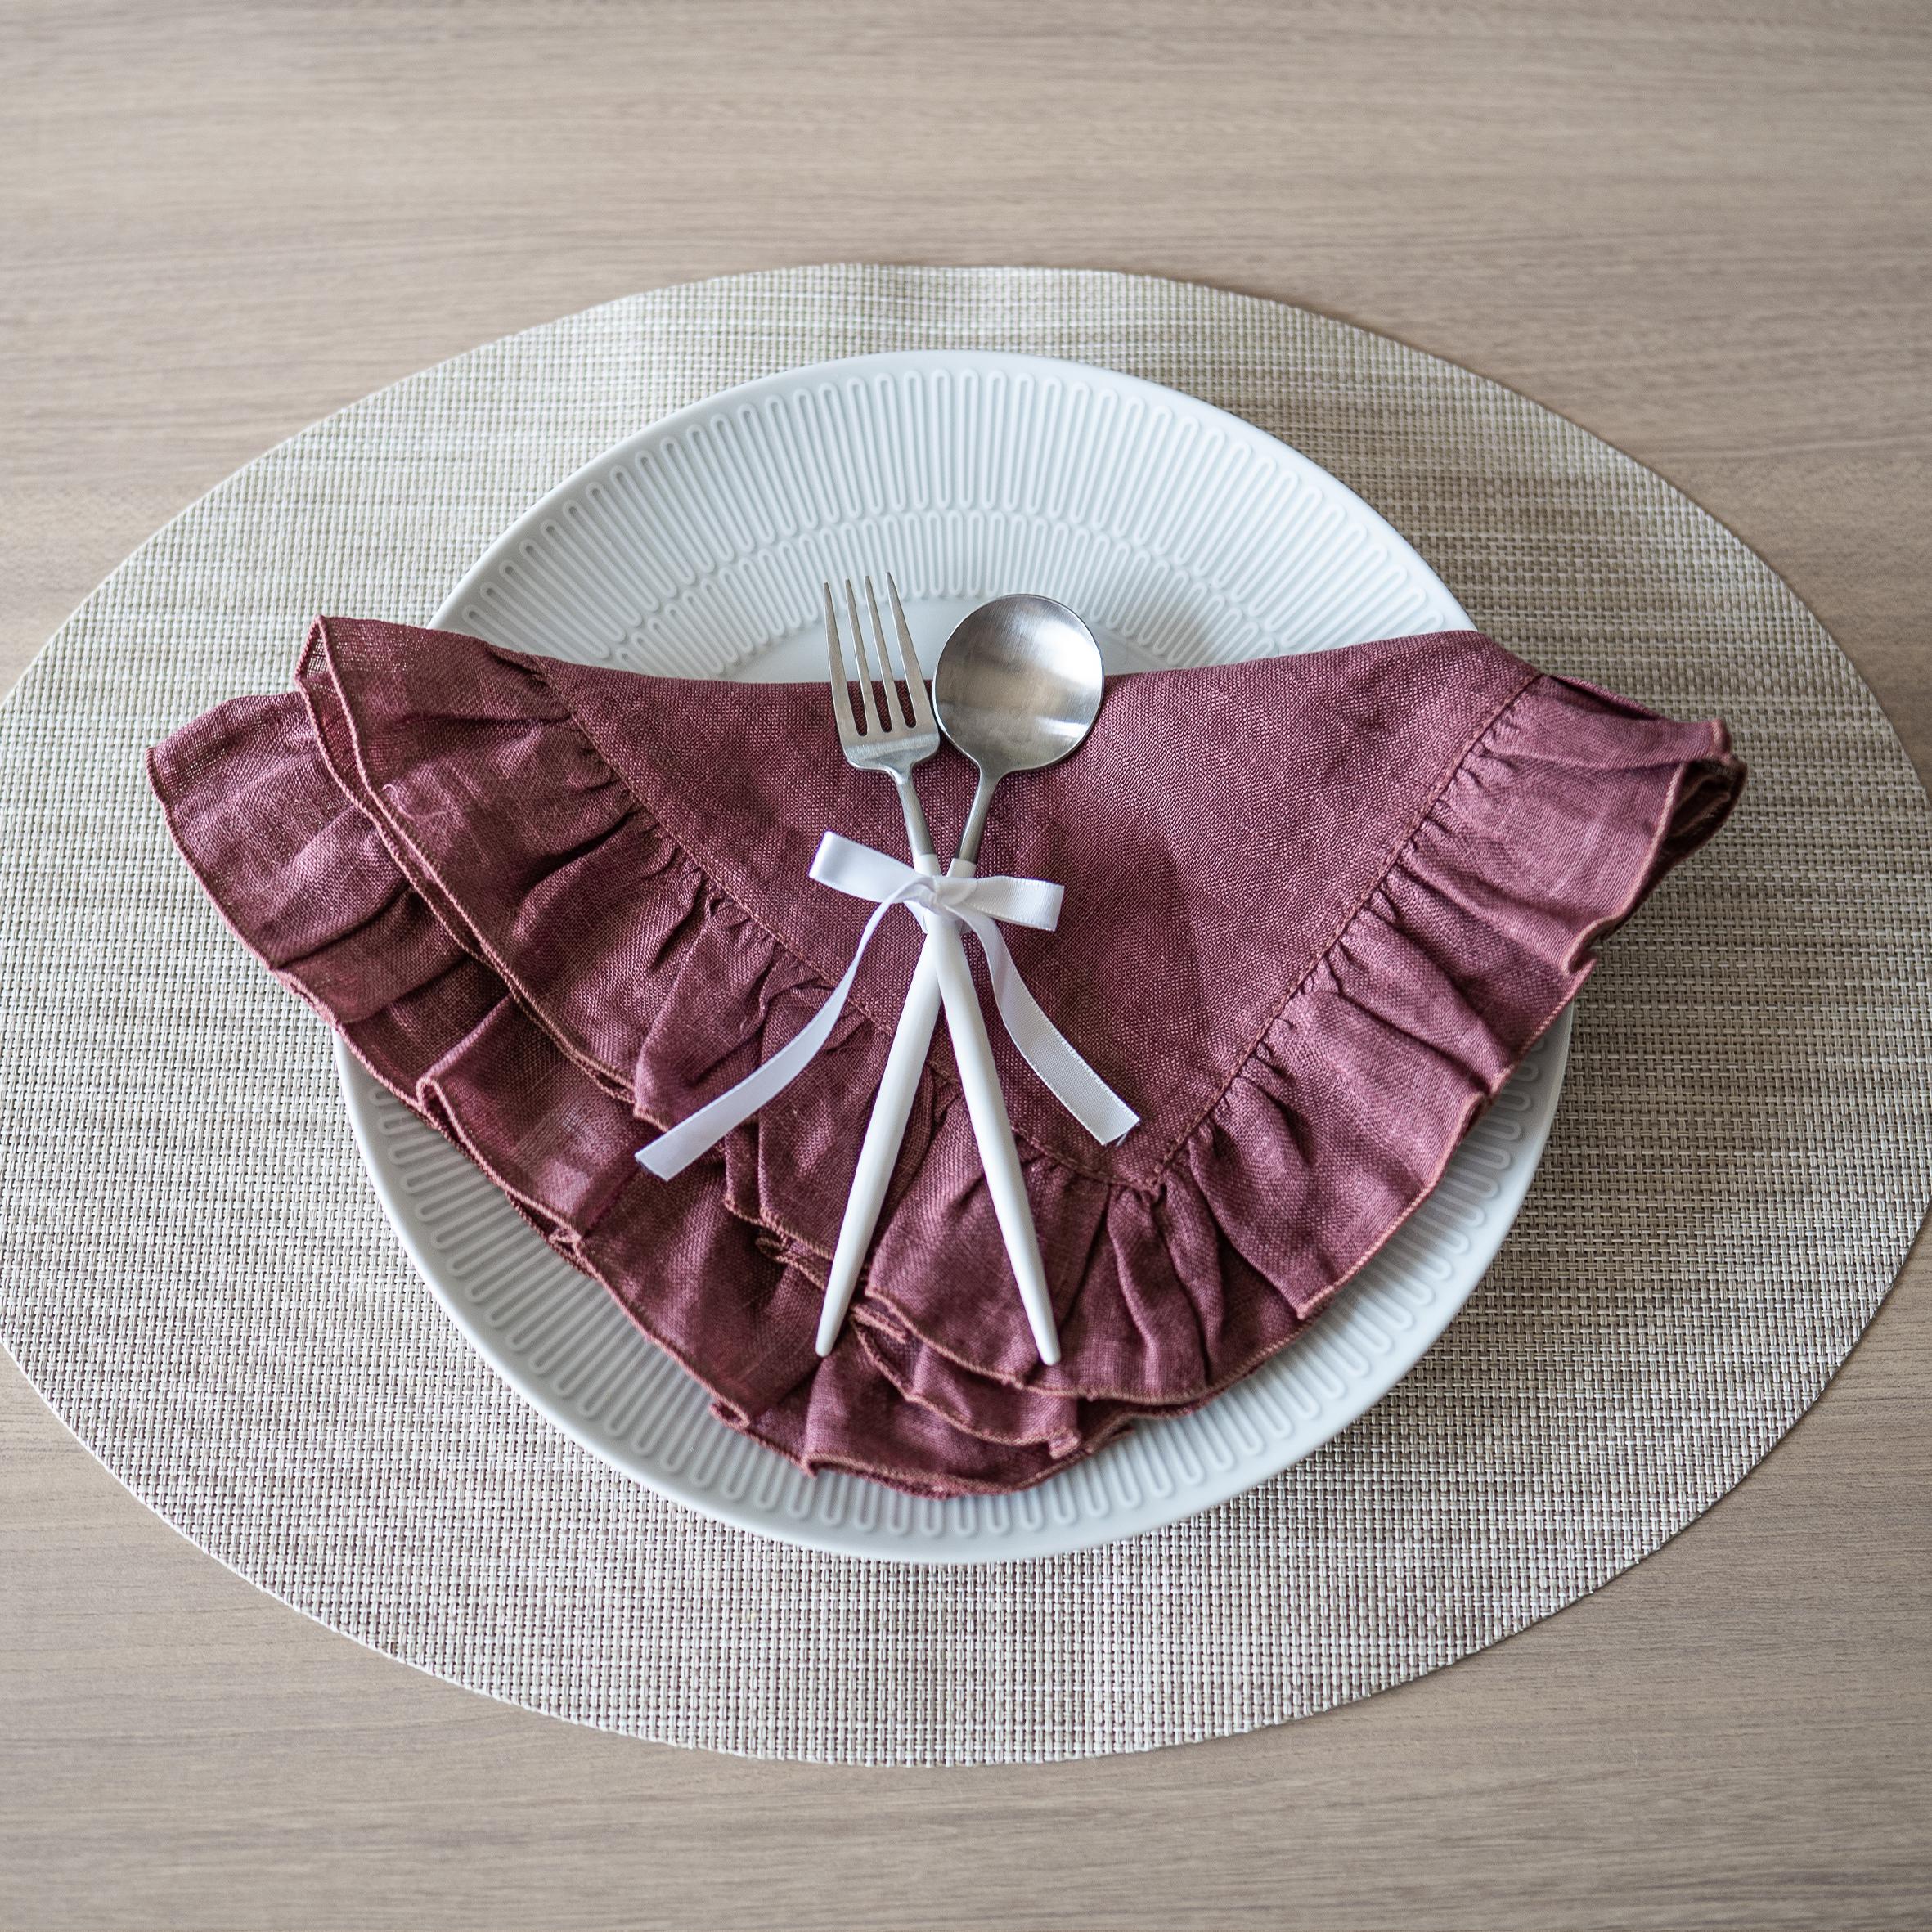 ボルゴ デル トヴァーリ リネンナプキン - Moscatelllo Red( BORGO DELLE TOVAGLIE Napkin )